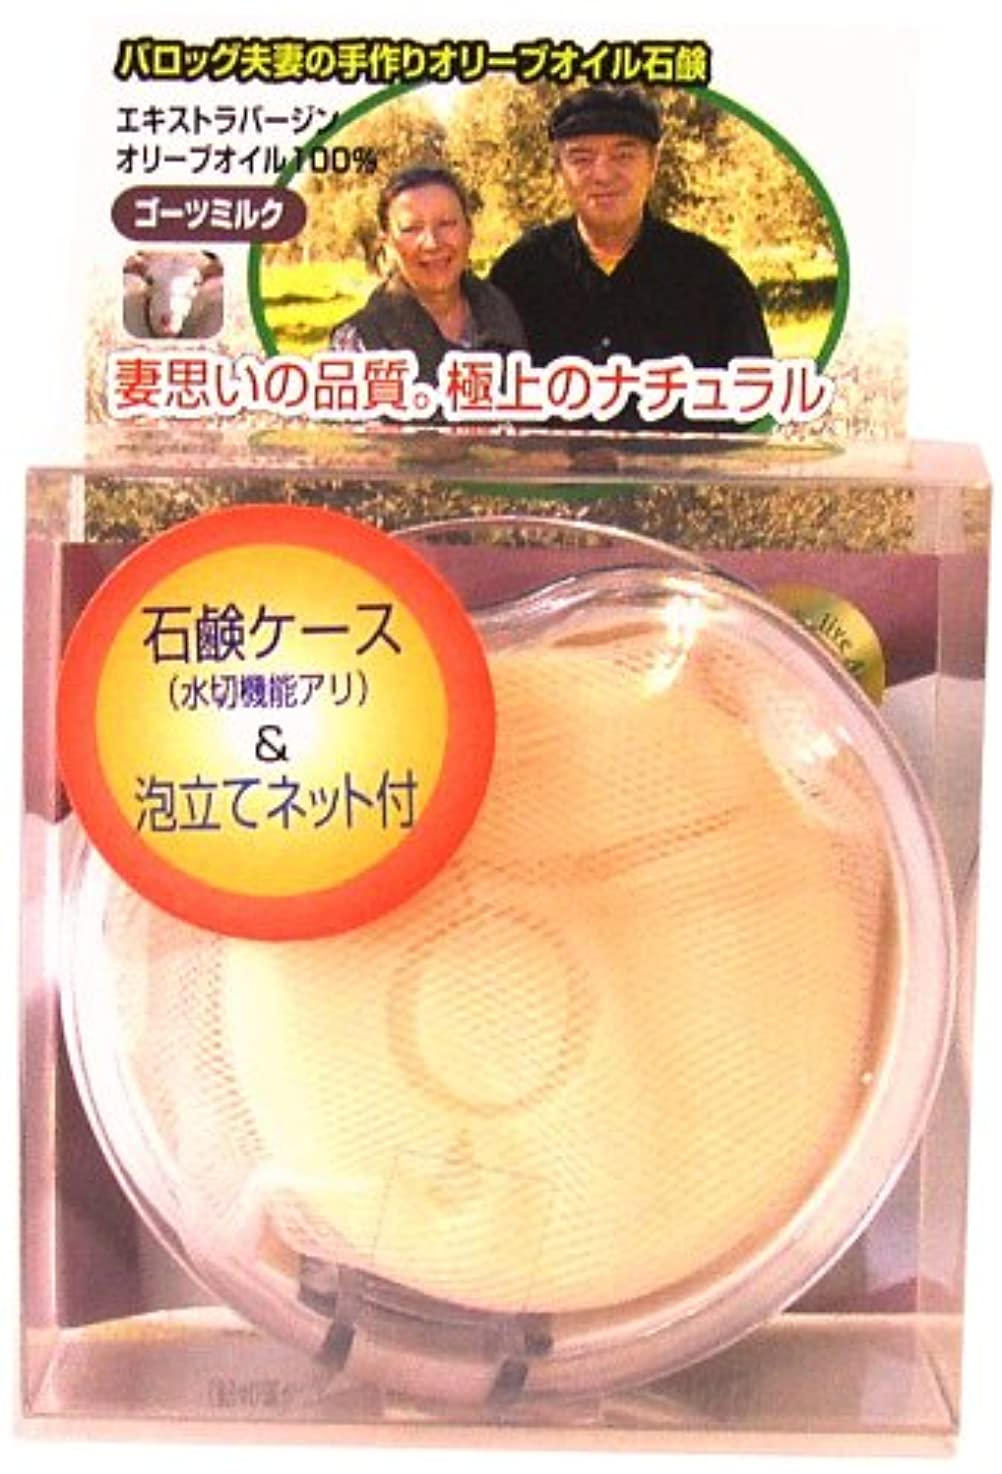 不愉快カバー暴力的なバロッグ夫婦の手作りオリーブオイル石鹸 ミニ石鹸ケース付(ゴーツミルク) 20g